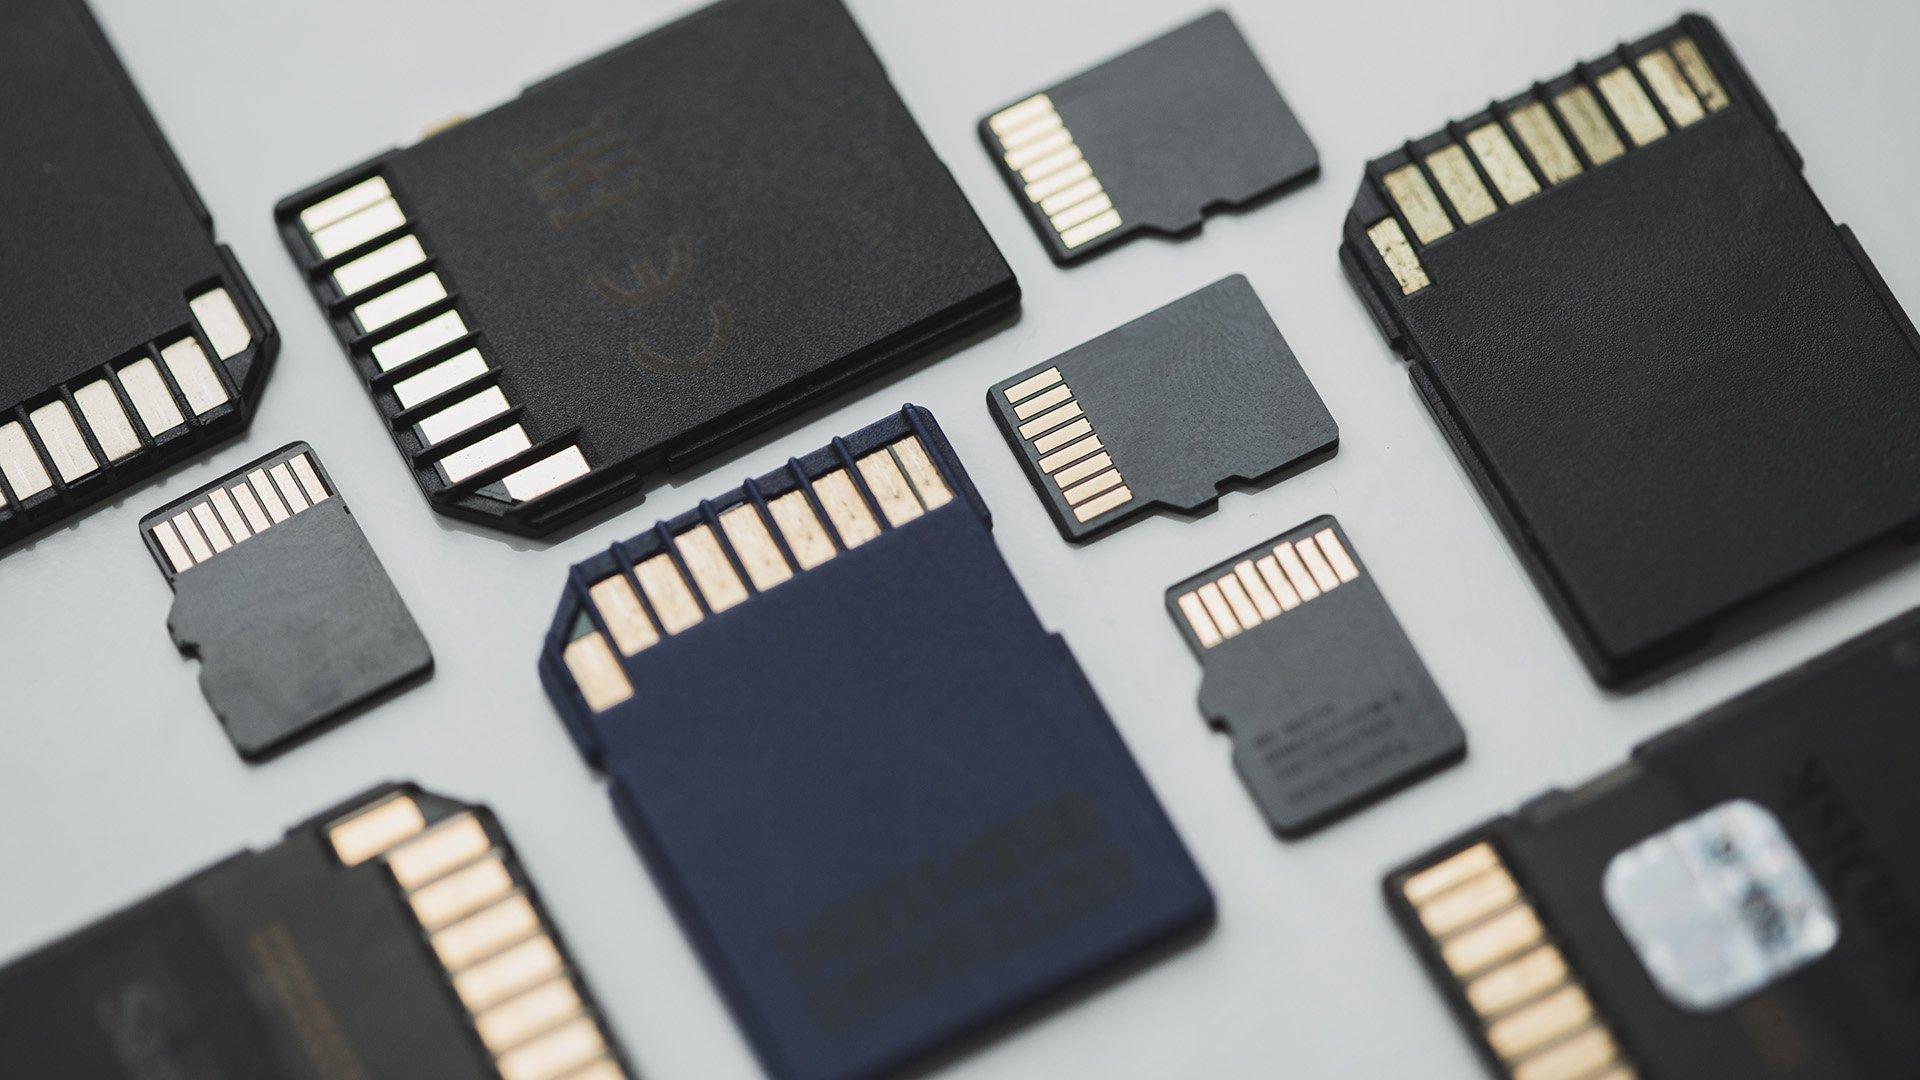 tarjetas de memoria imagenes